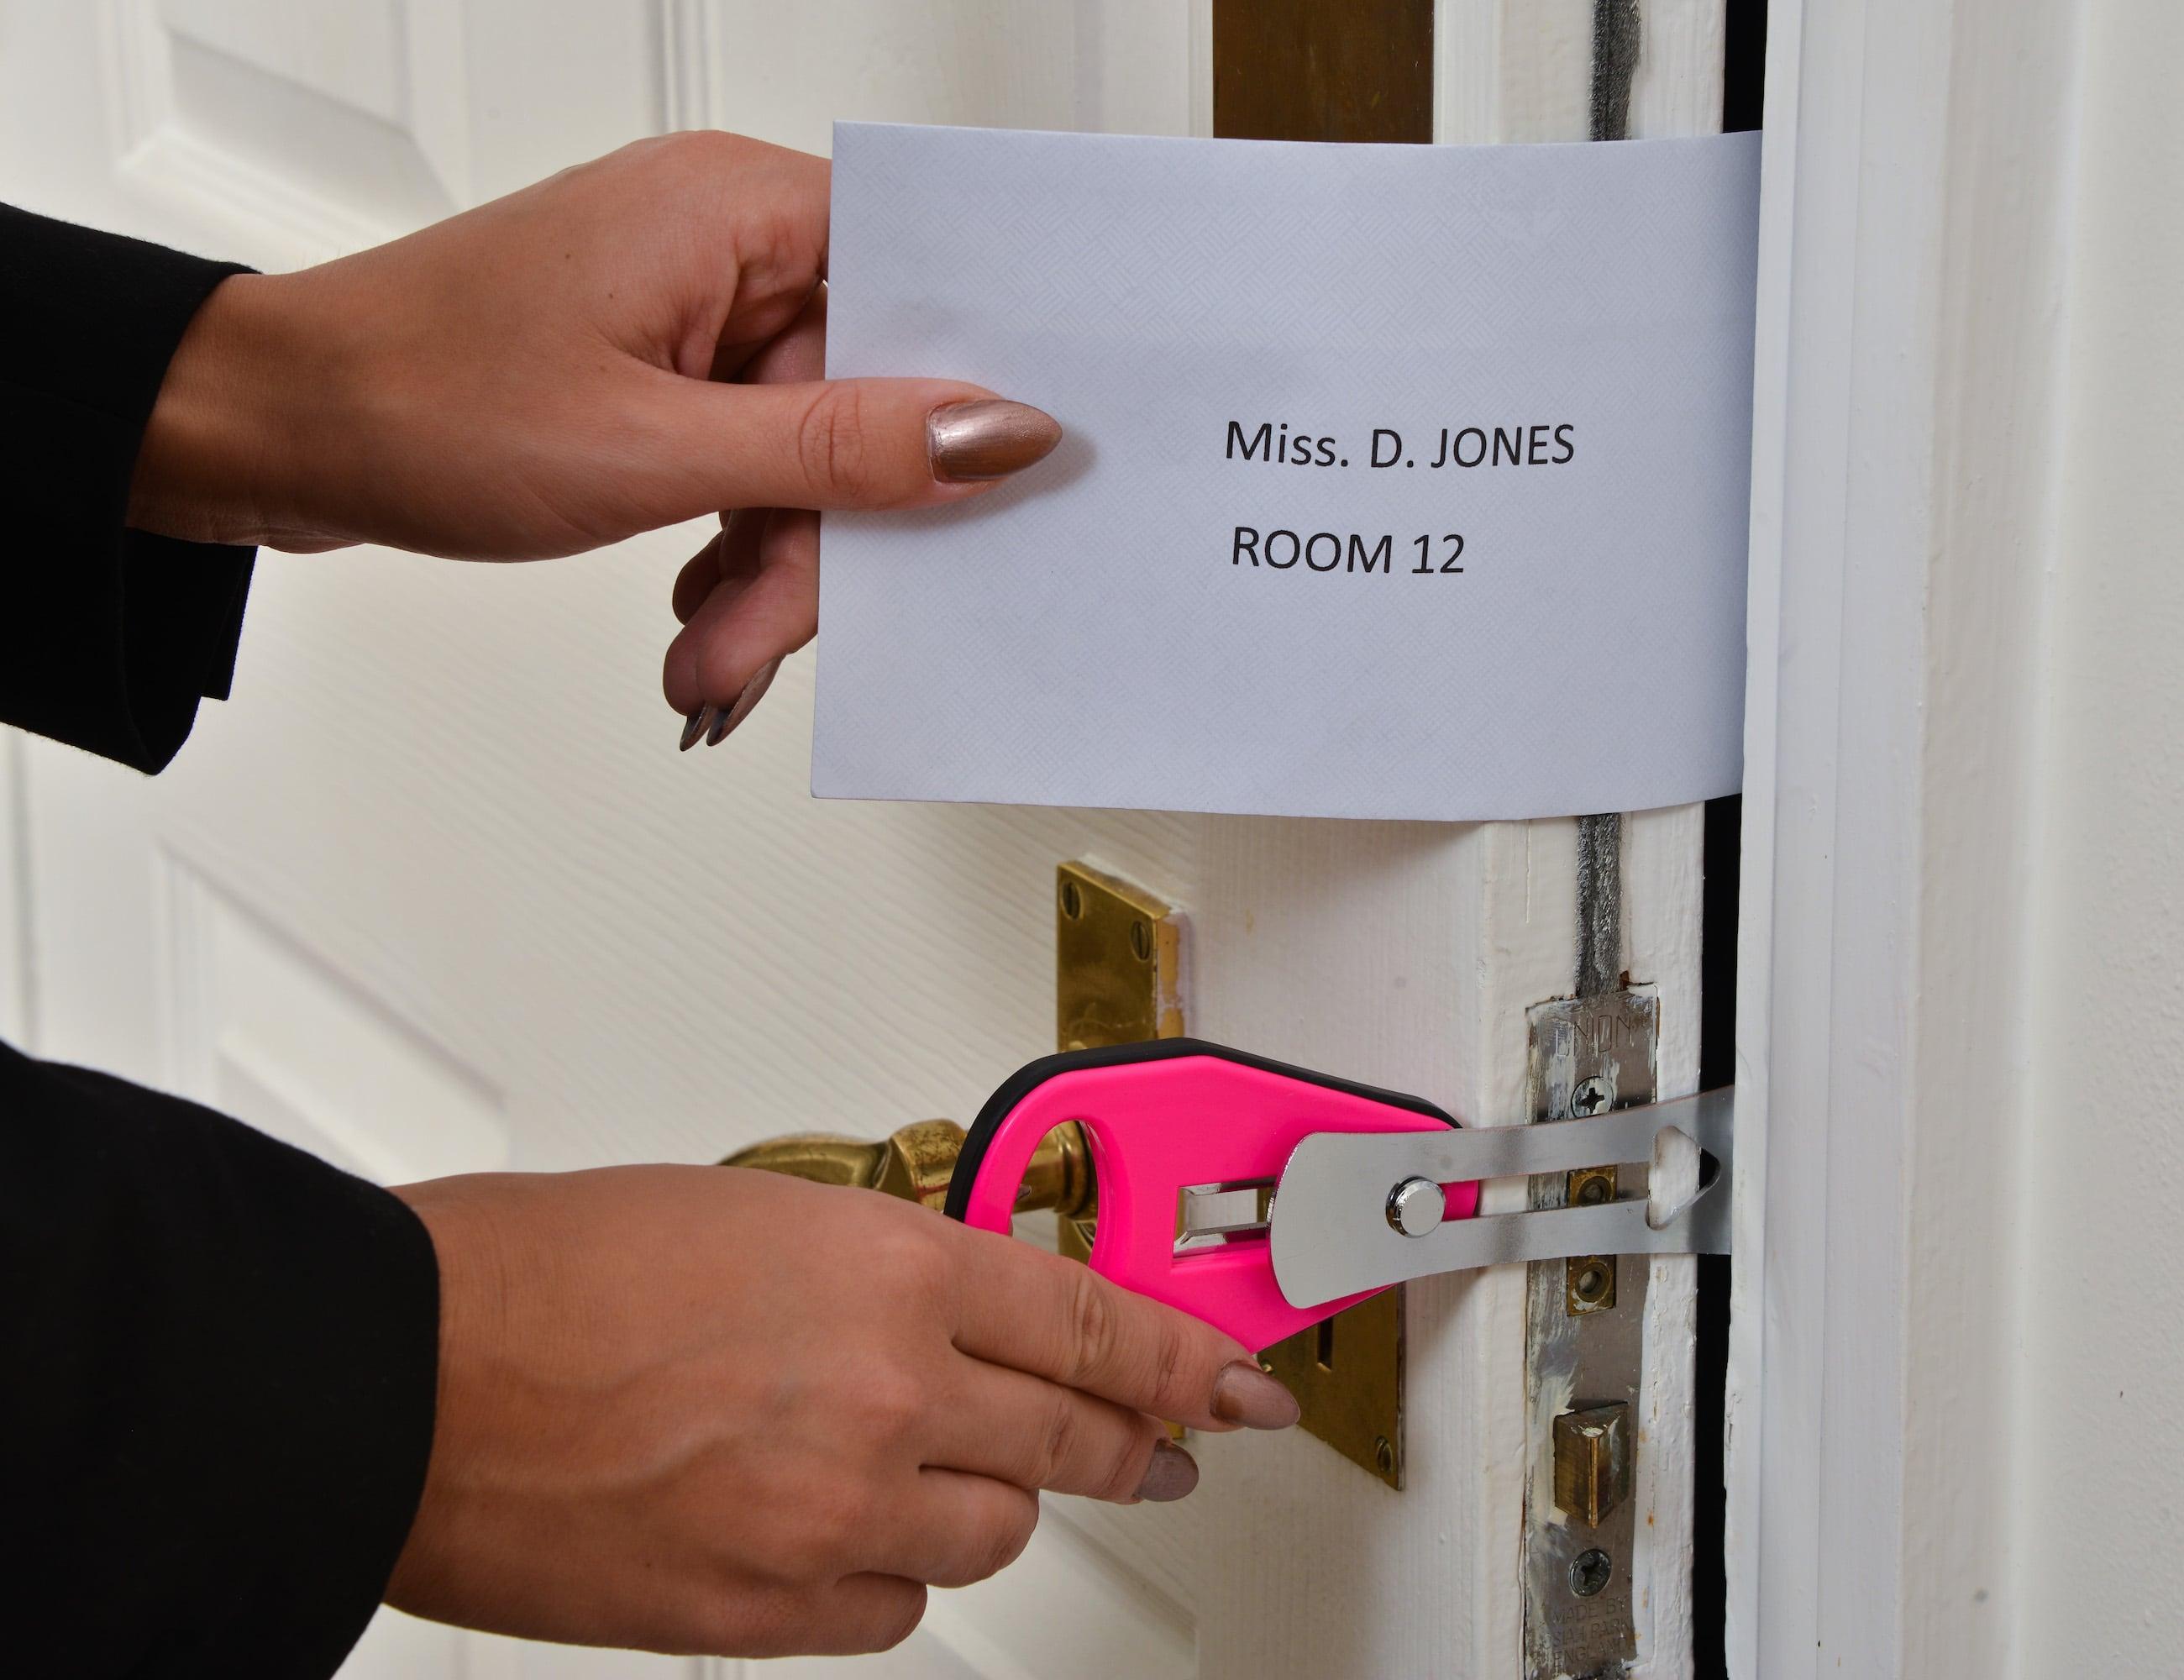 Easylock Temporary Travel Door Lock 187 Gadget Flow